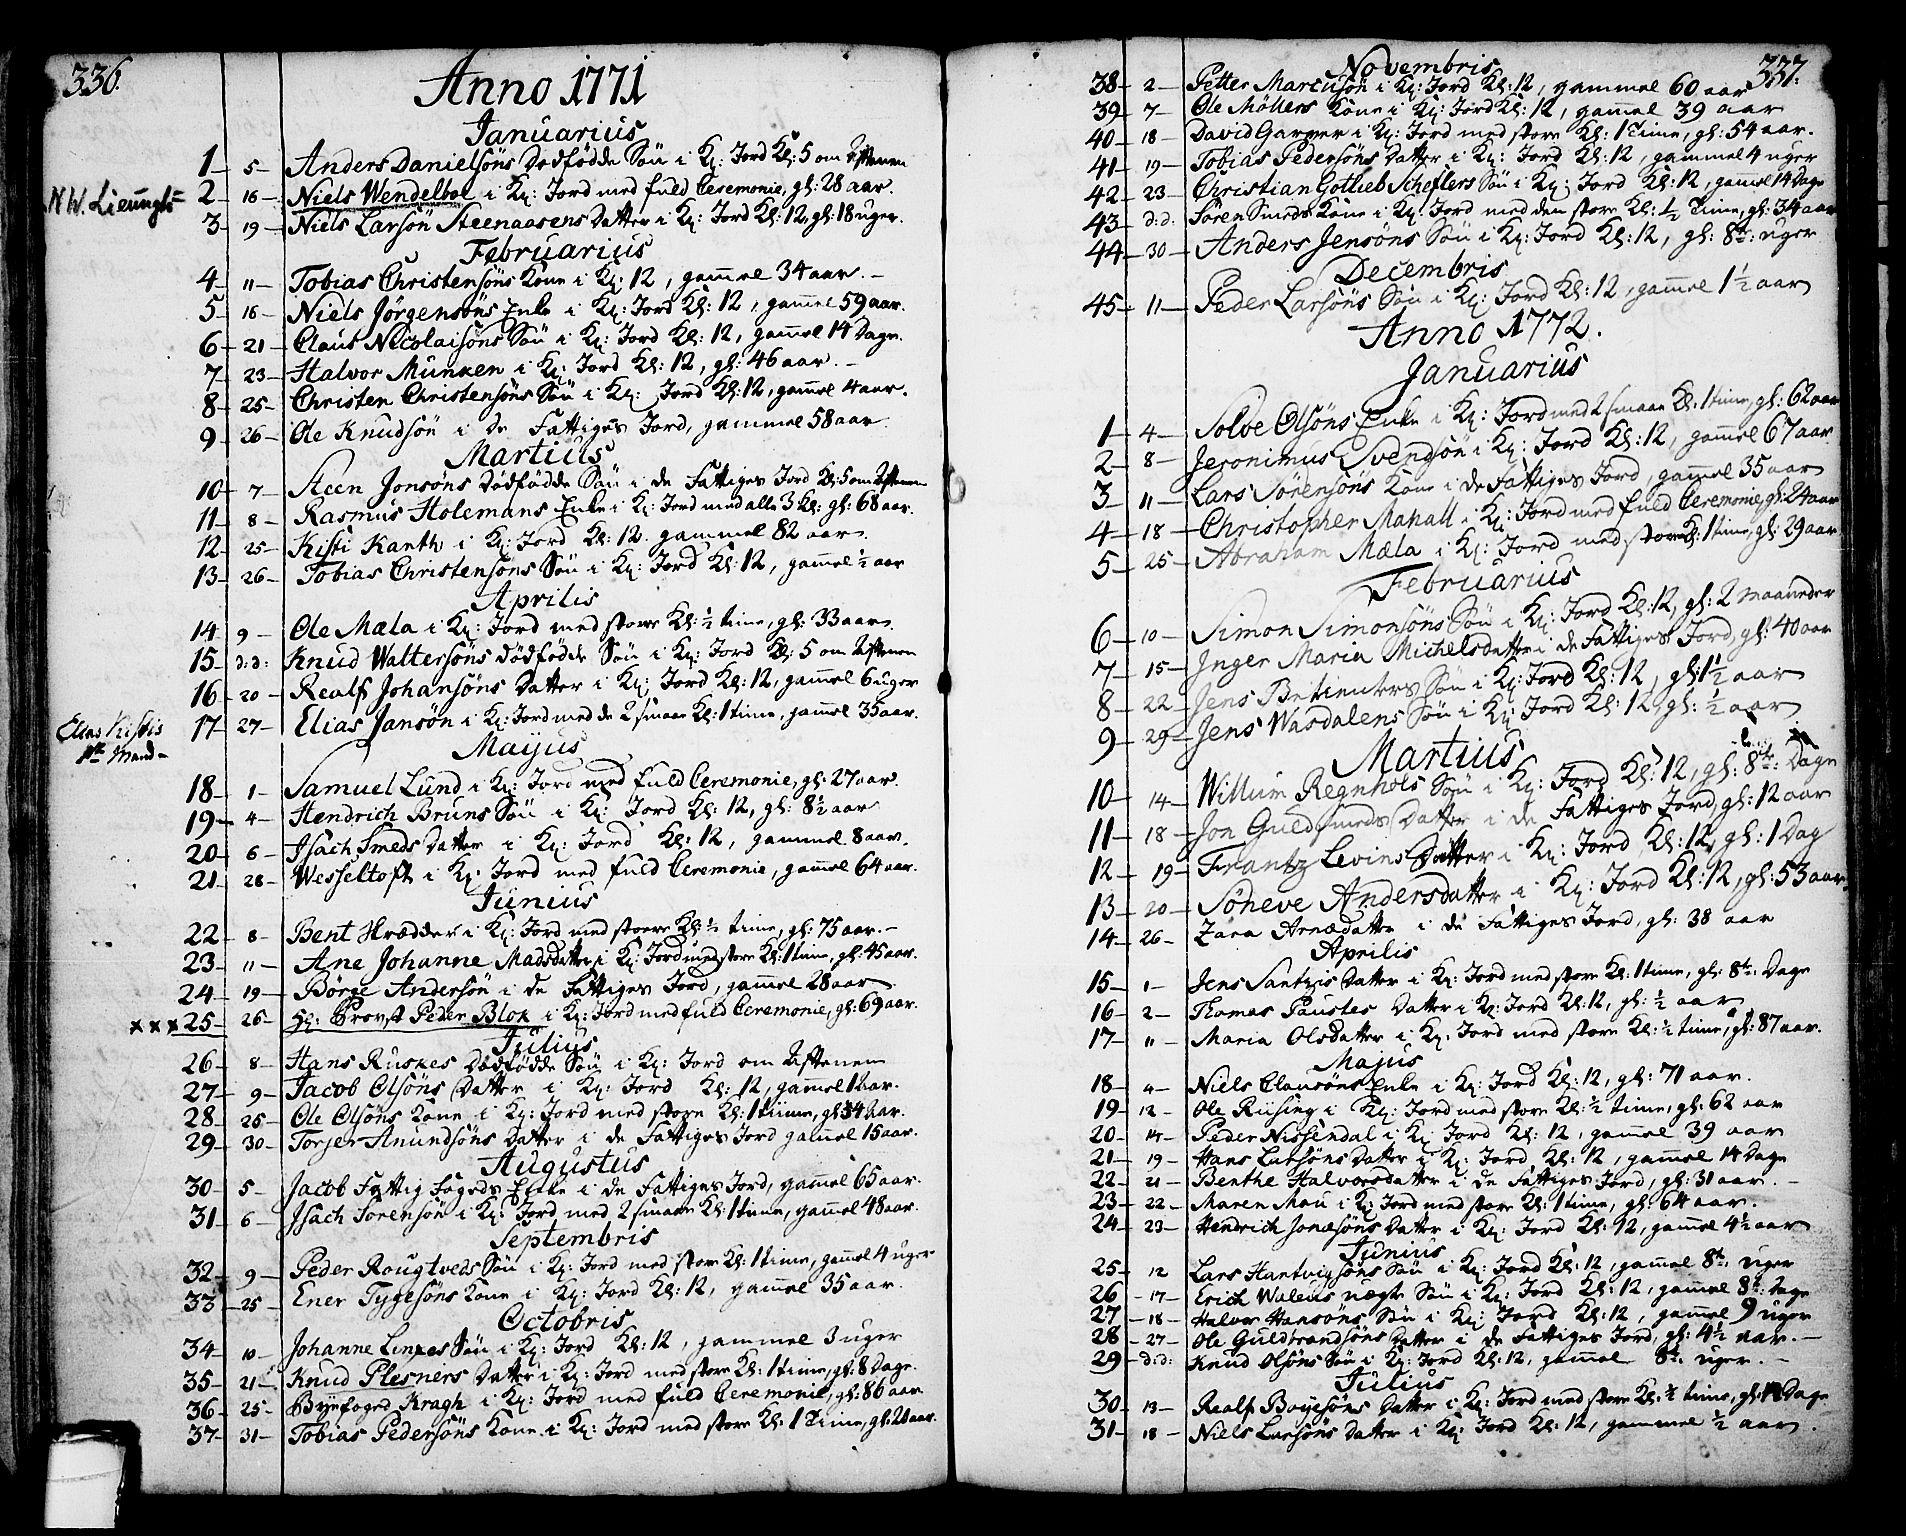 SAKO, Skien kirkebøker, F/Fa/L0003: Ministerialbok nr. 3, 1755-1791, s. 336-337